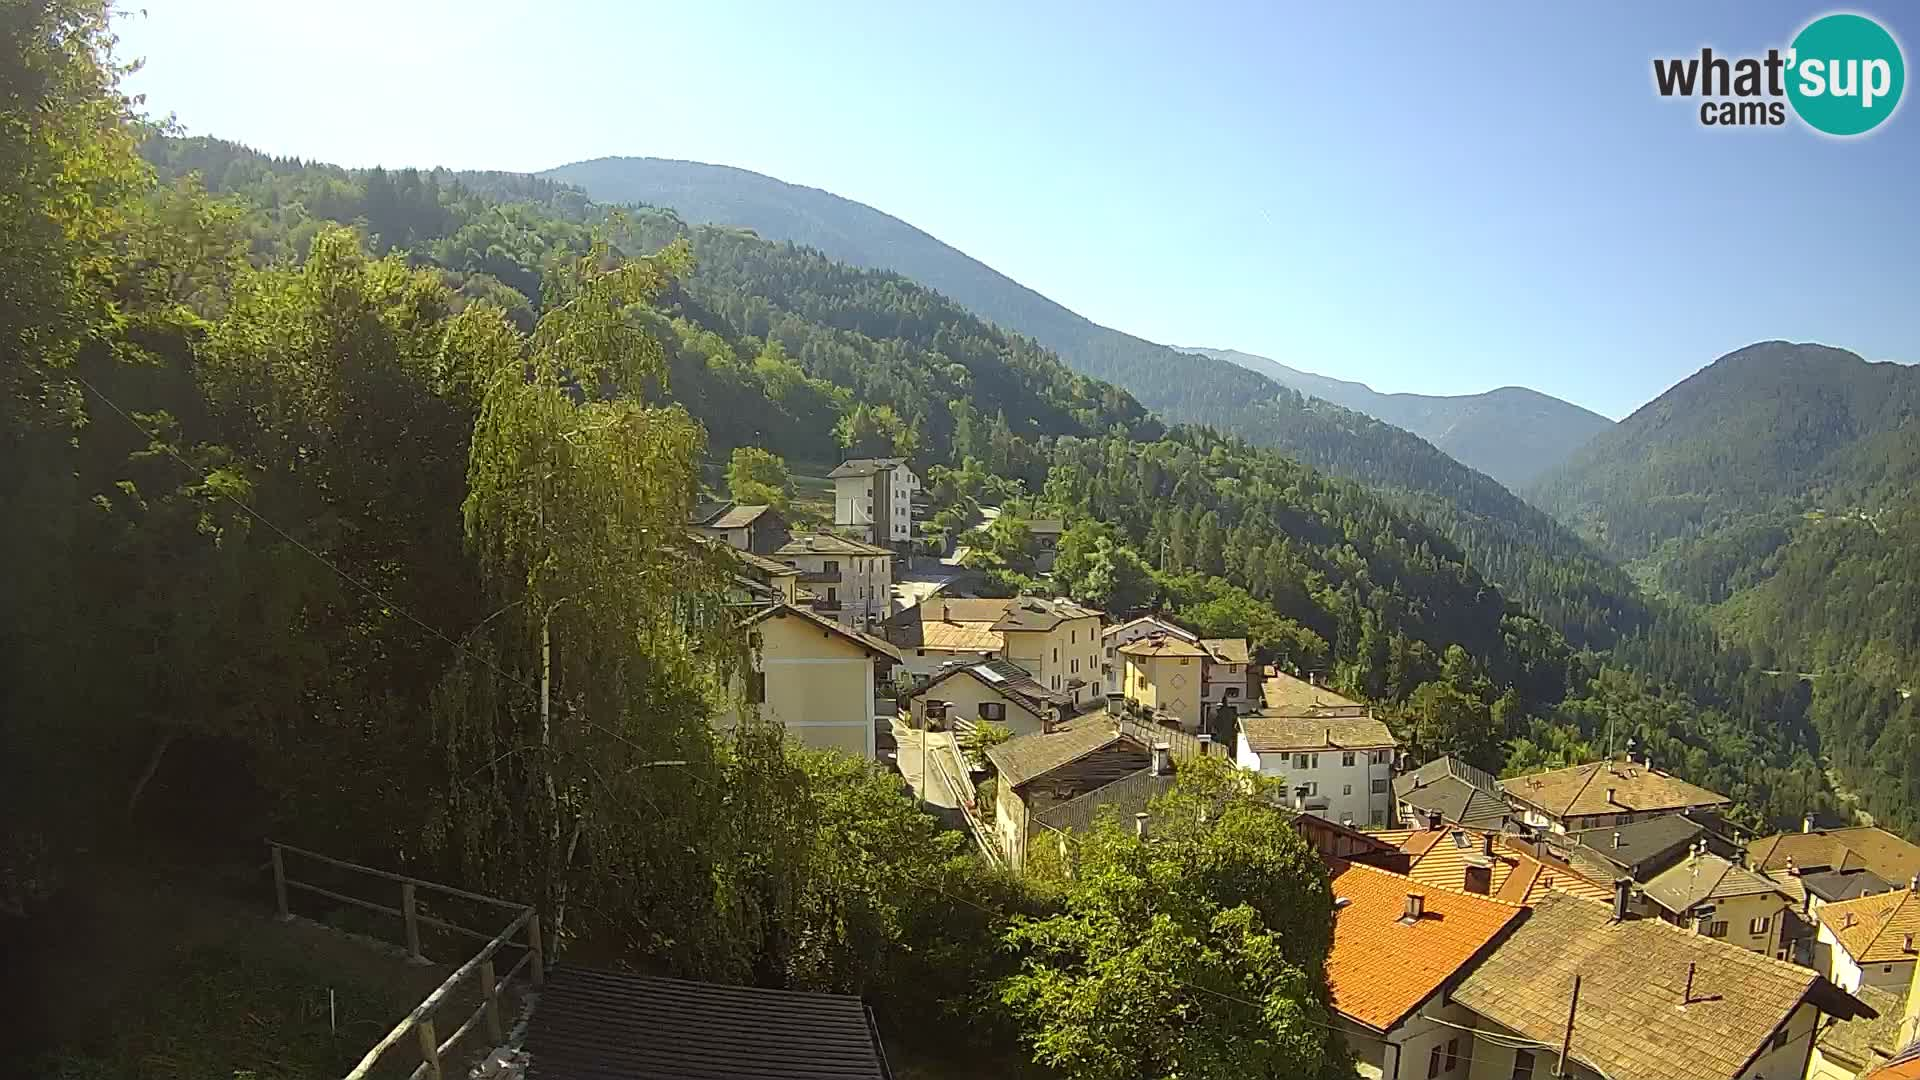 Livecam Sover – Trentino Alto Adige webcam Catena del Lagorai